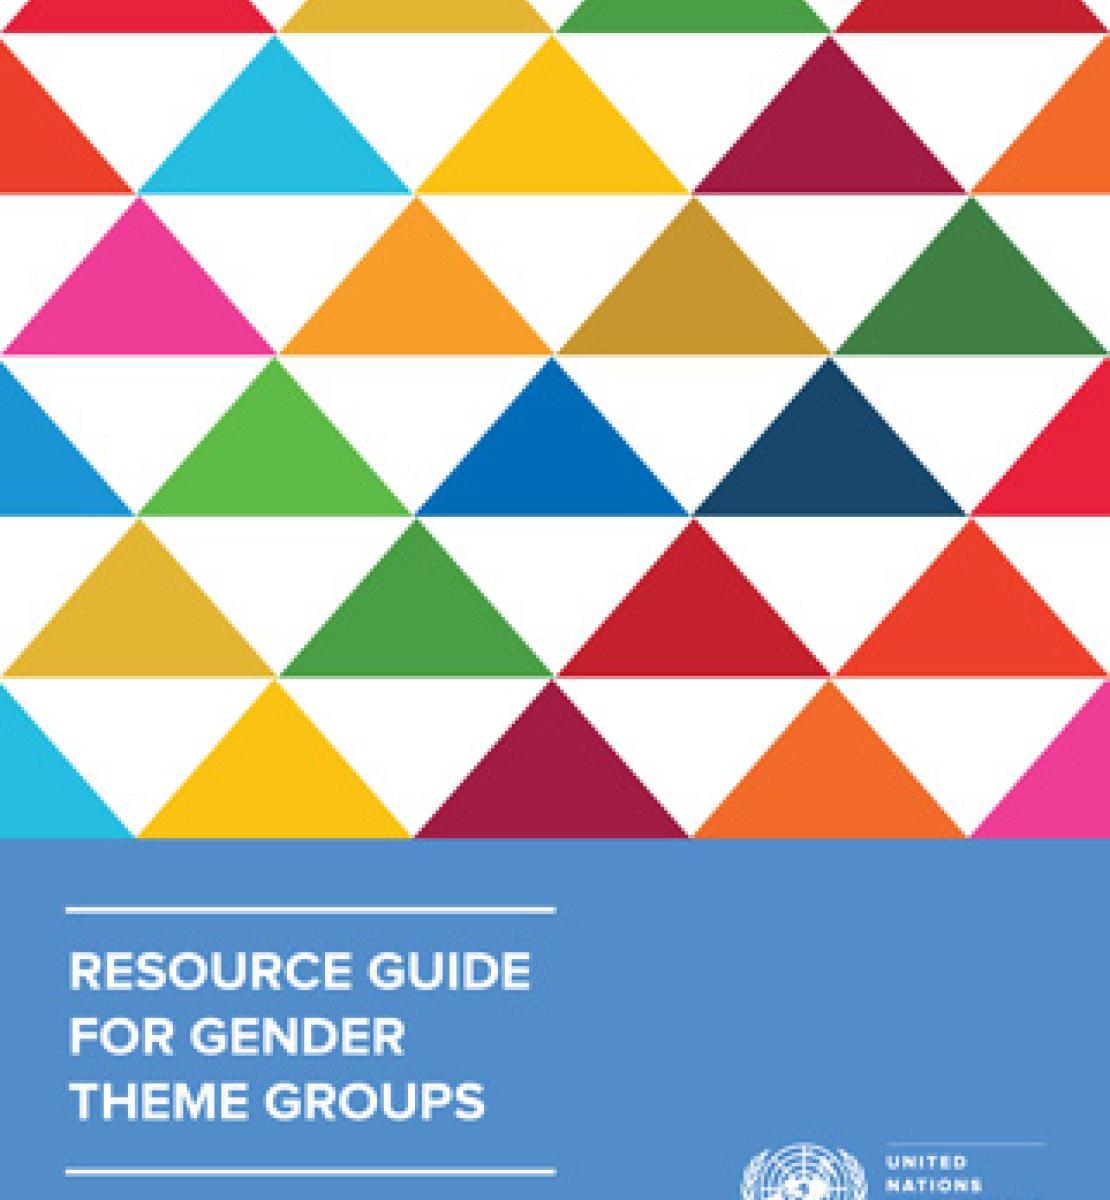 دليل الموارد المواضيعي المعني بالمسائل الجنسانية